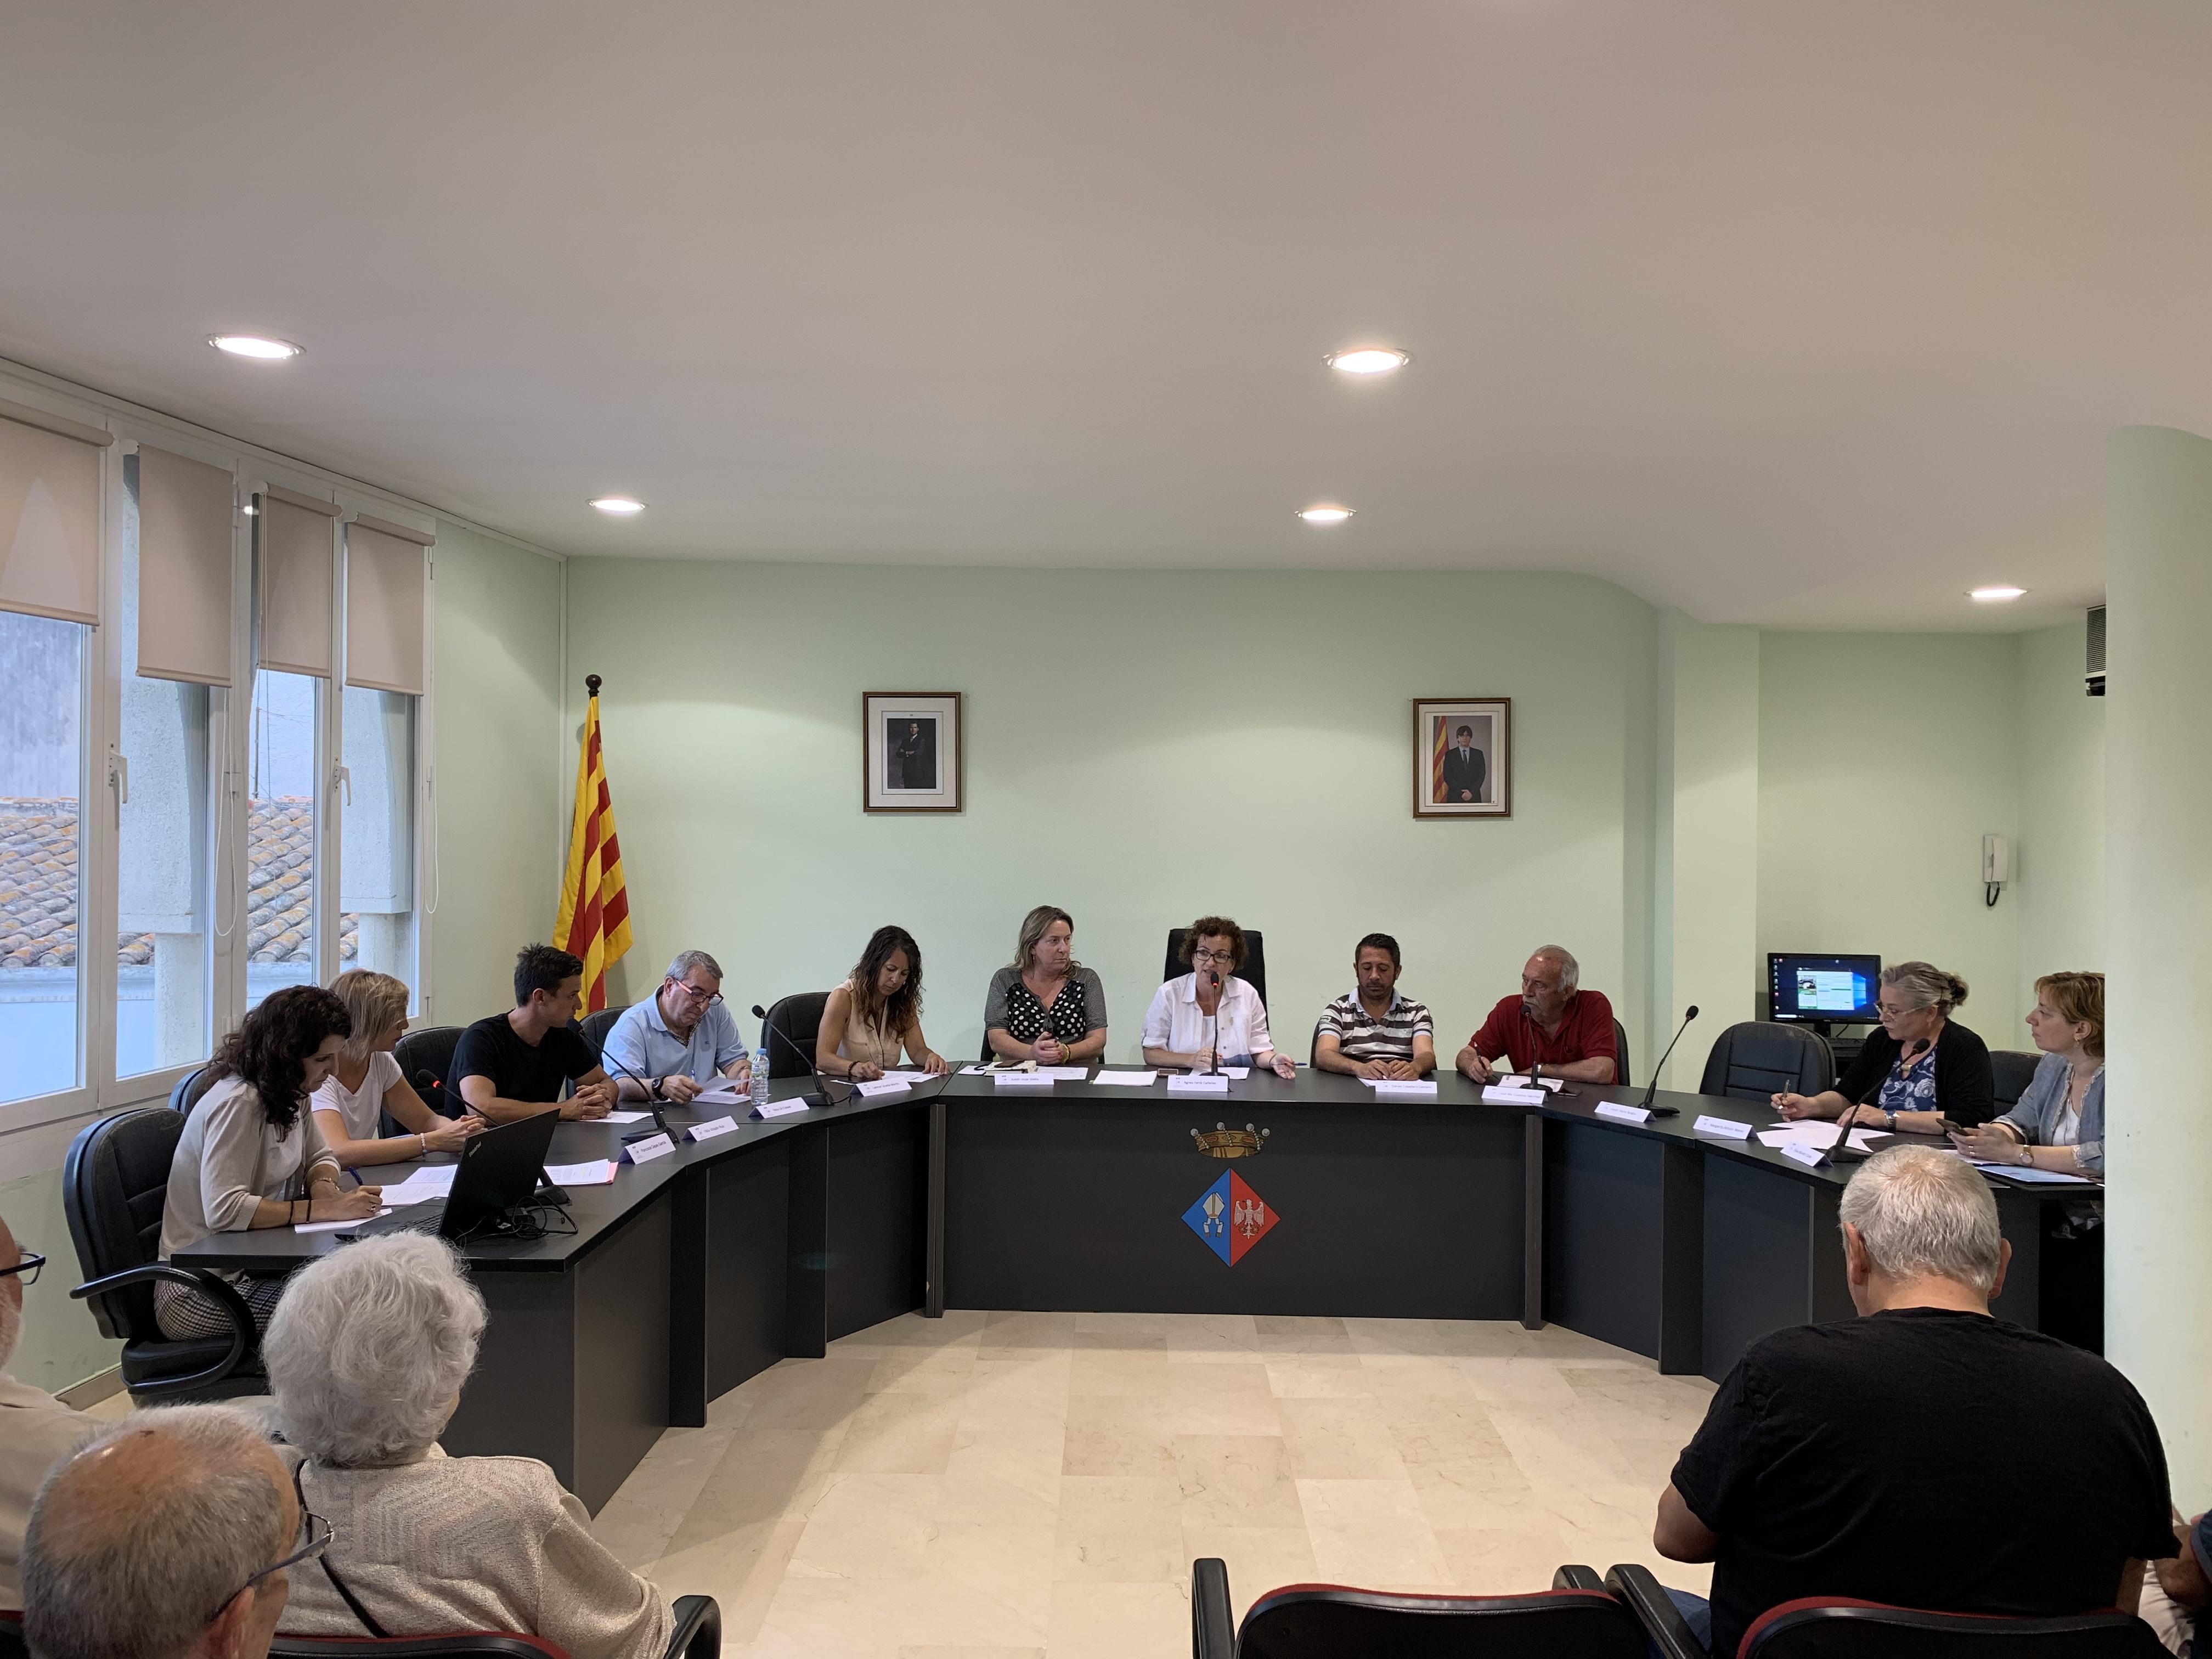 Aquest dijous 20 de juny ha tingut lloc un Ple extraordinari a l'Ajuntament de la Bisbal del Penedès